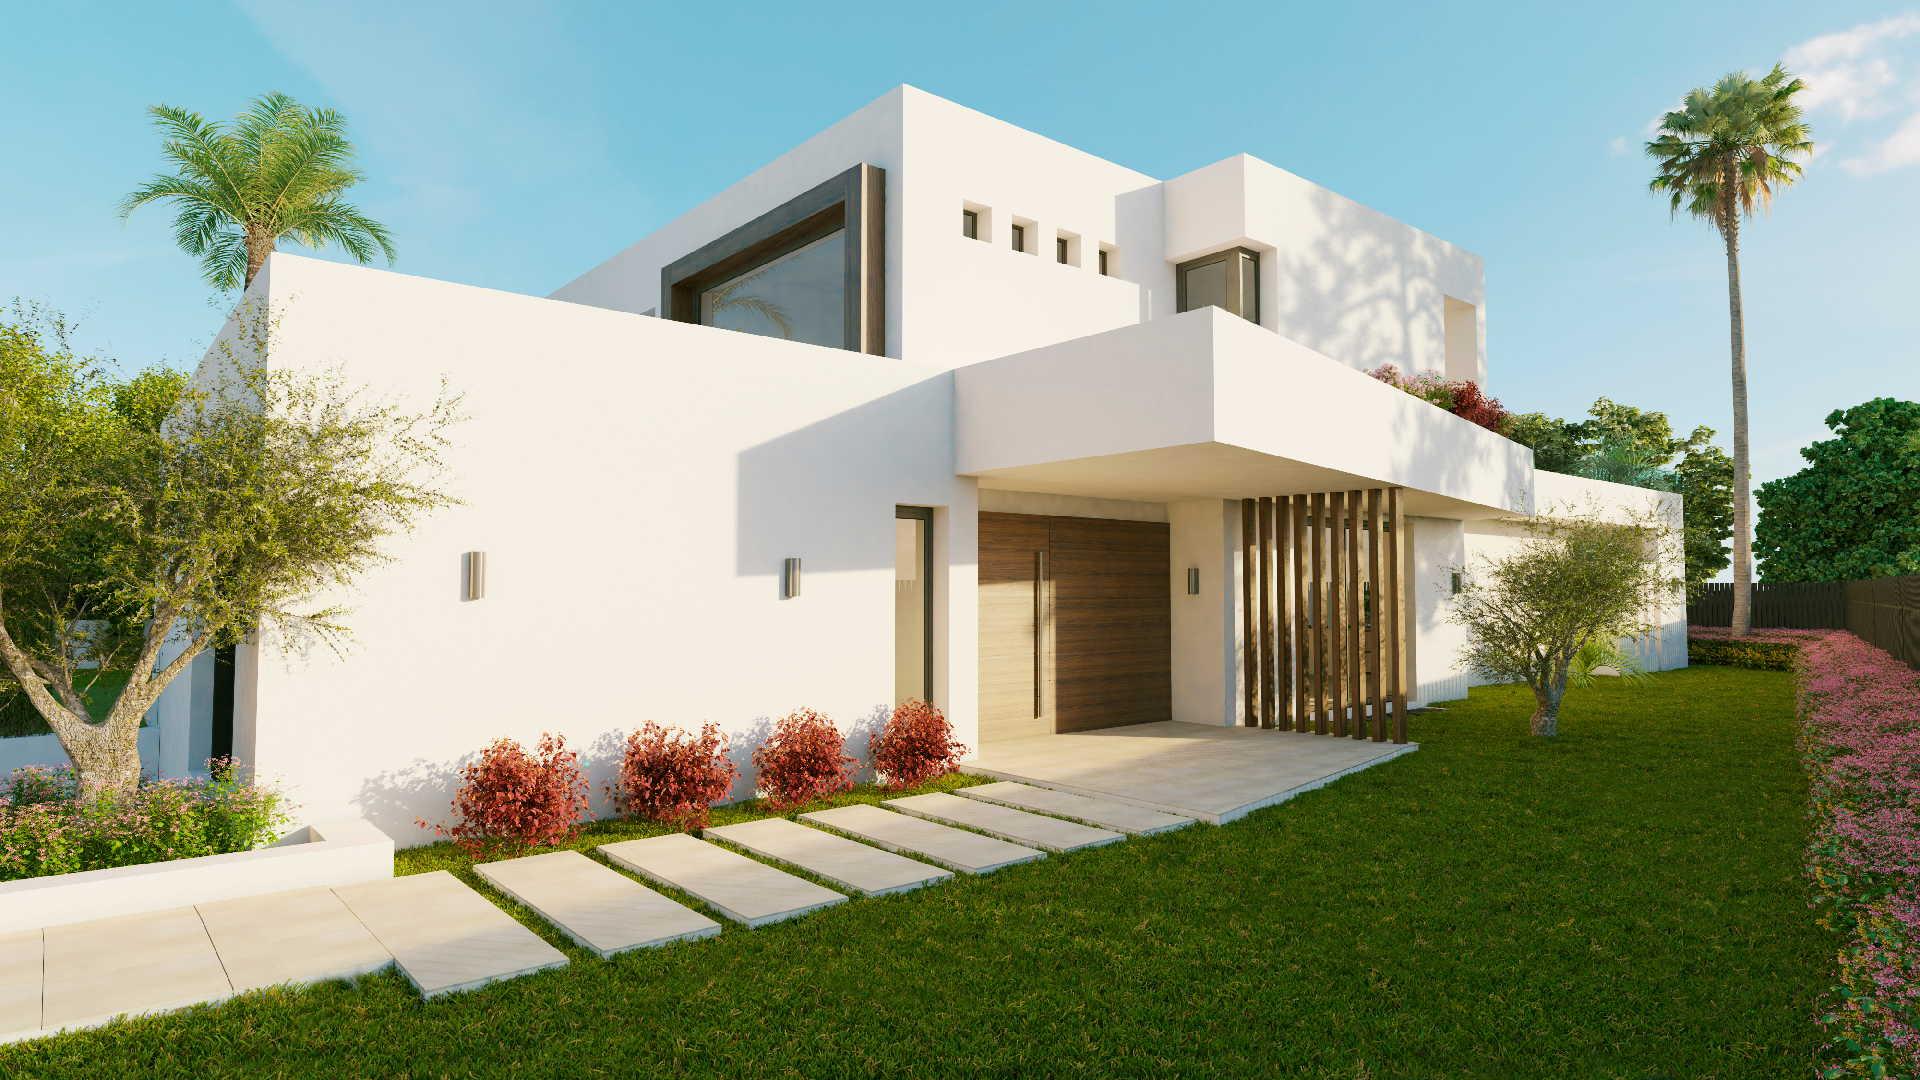 Los Olivos Nueva Andalucia Marbella New Modern Villa